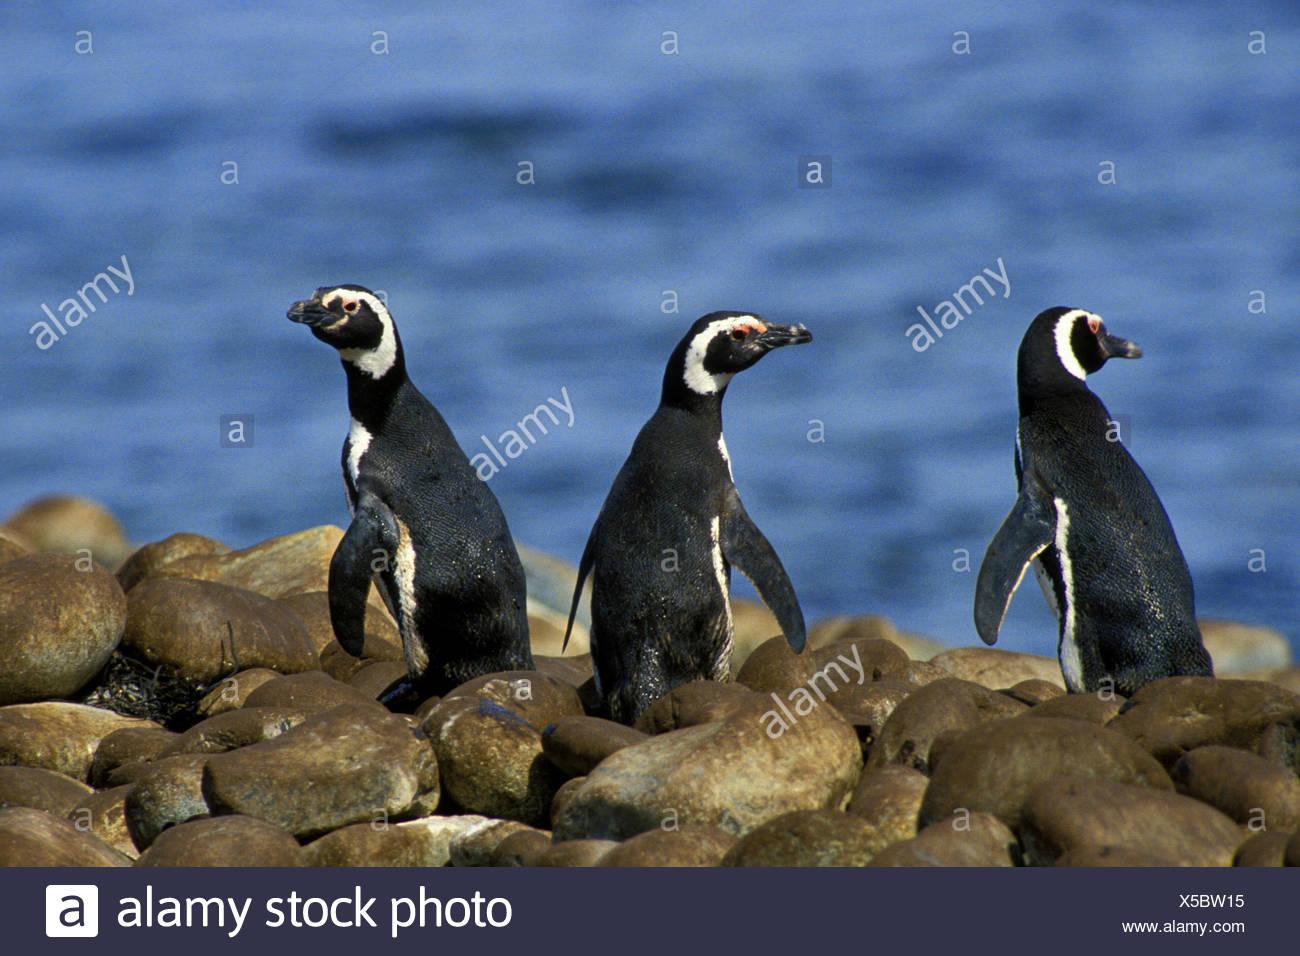 Magellanic penguin (Spheniscus magellanicus), three Magellanic penguins at Cape Horn, Chile, Kap Hoorn - Stock Image